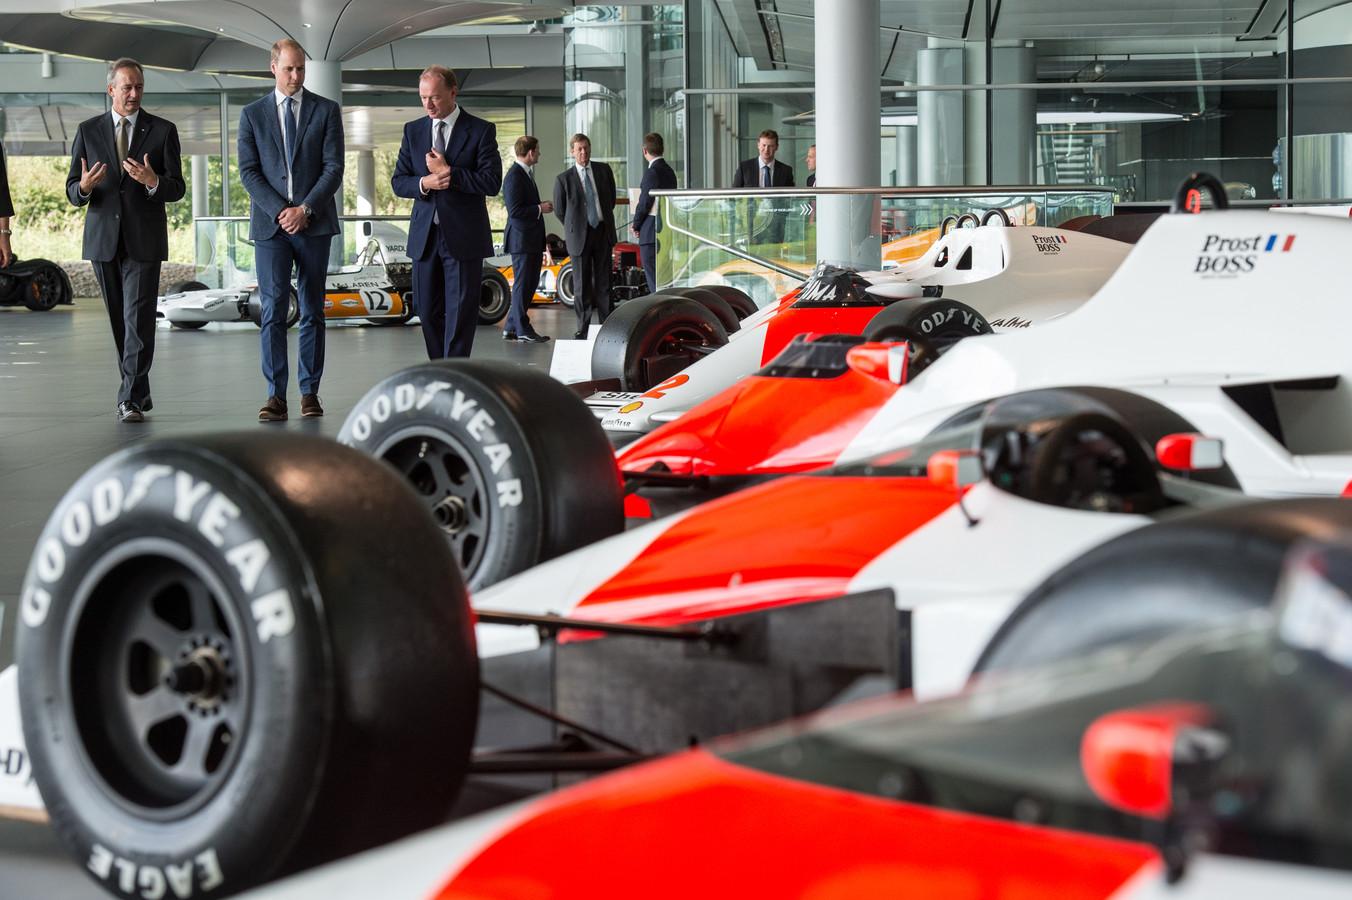 De McLarens van Alain Prost en Ayrton Senna staan opgesteld in Woking, waar het hoofdkwartier van McLaren ligt.